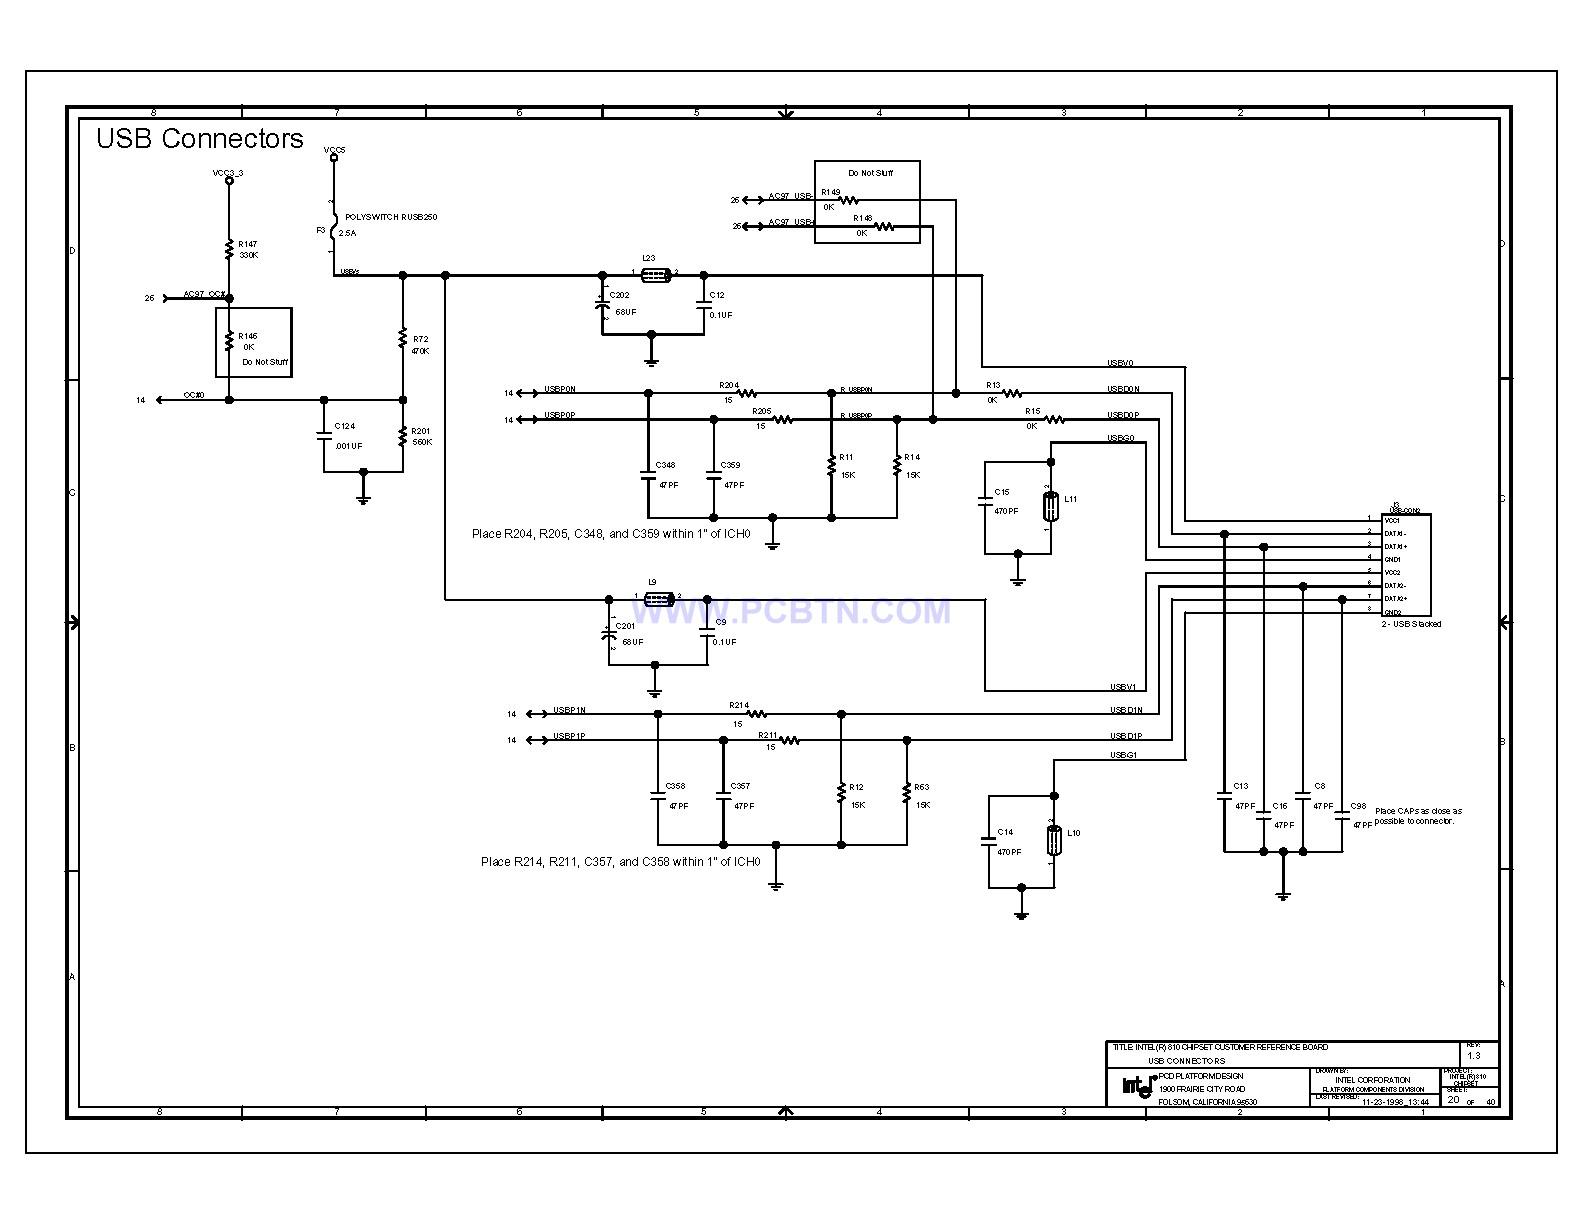 【图】810电脑主板电路图1[_]20微机单片机 电路图 捷